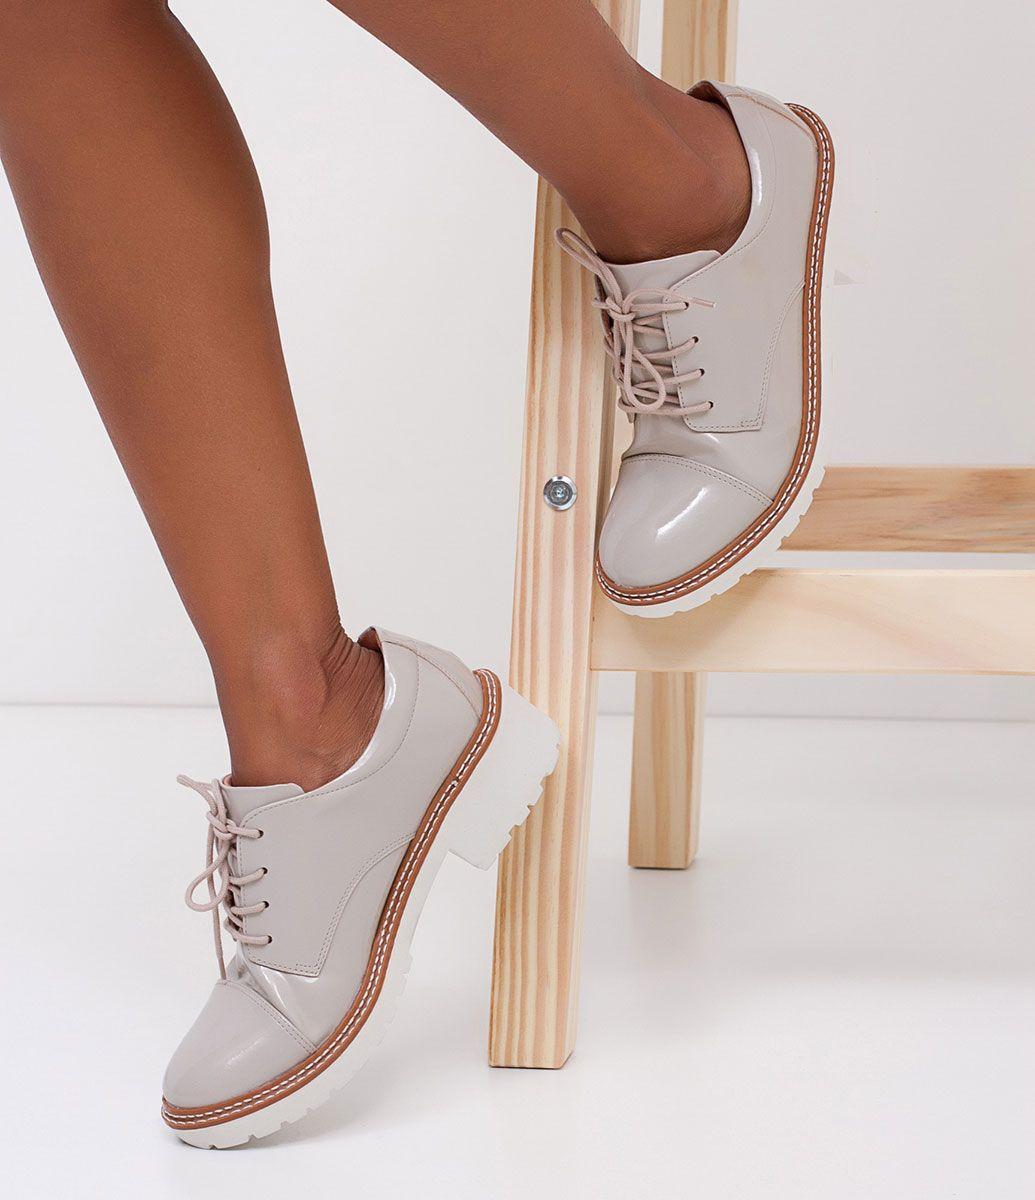 b6c3c502d2 Sapato Feminino Modelo  Oxford Em verniz Sola tratorada de 4cm